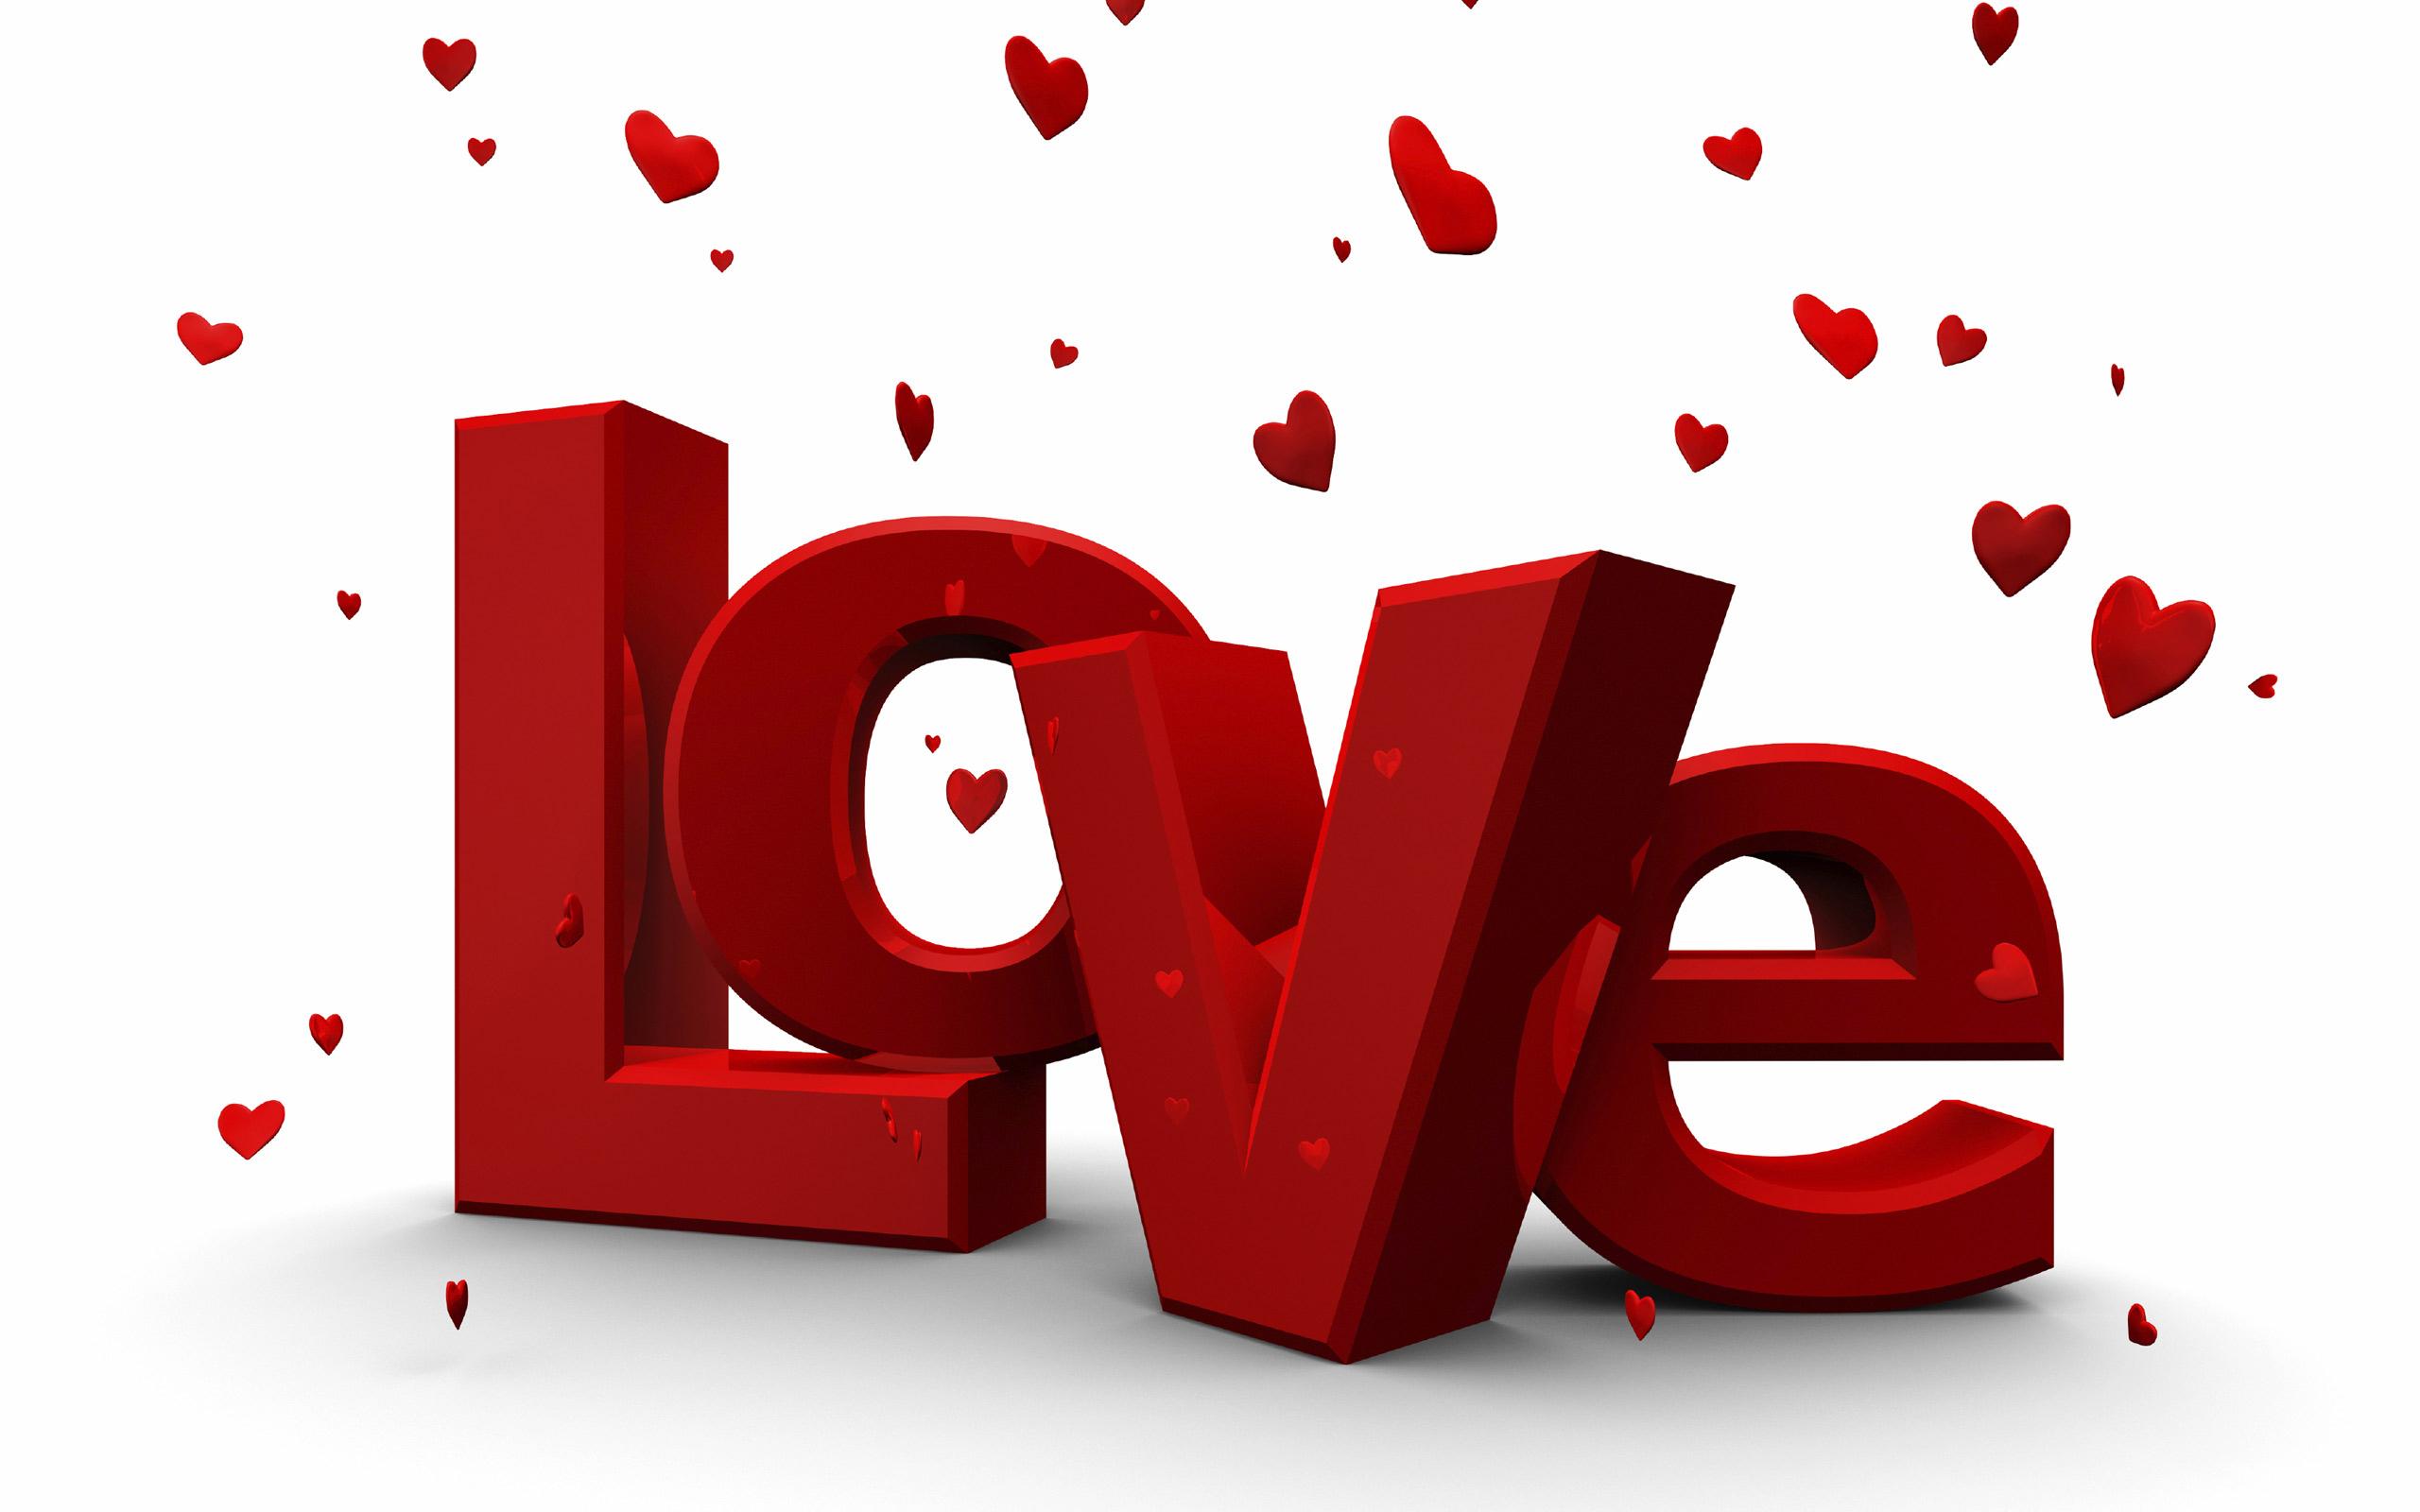 Boyfriend your valentine to messages Valentine's Day